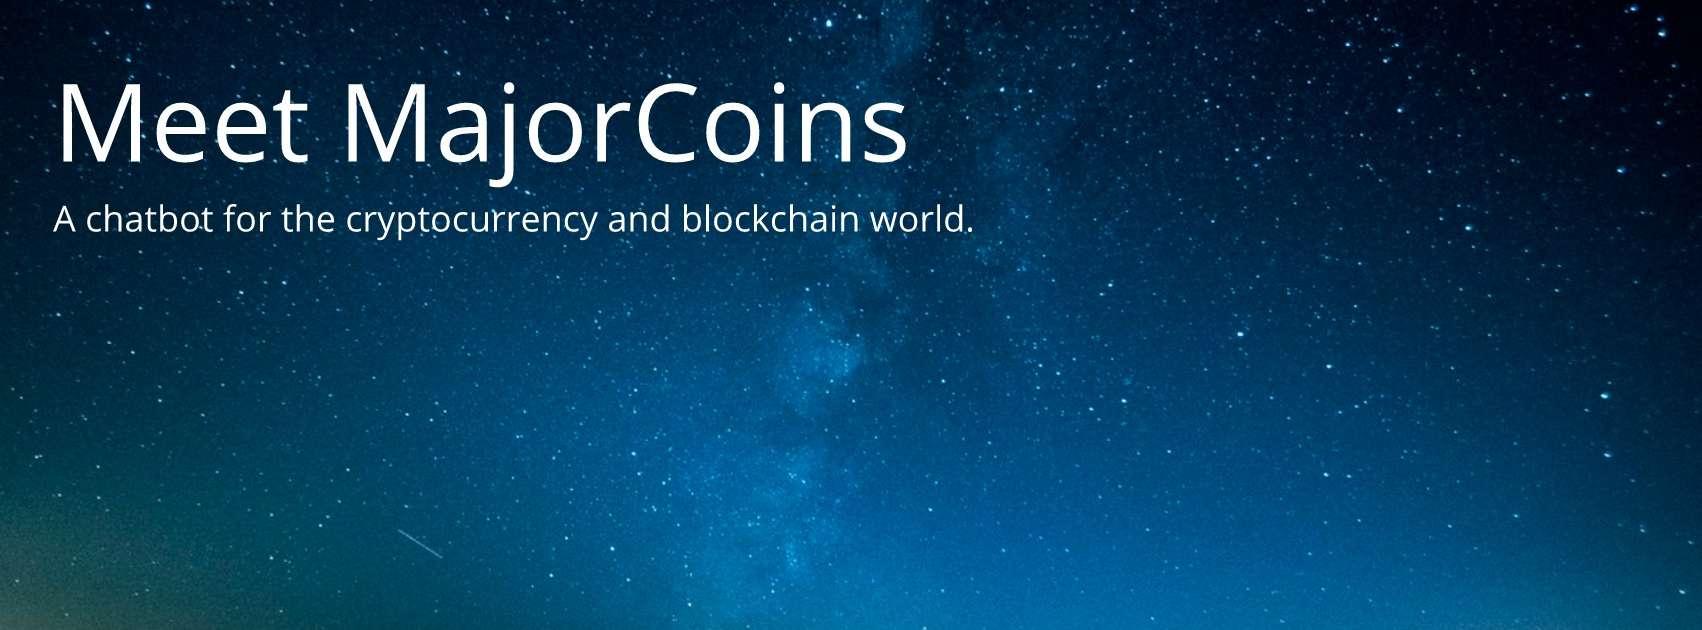 MajorCoins AI chatbot